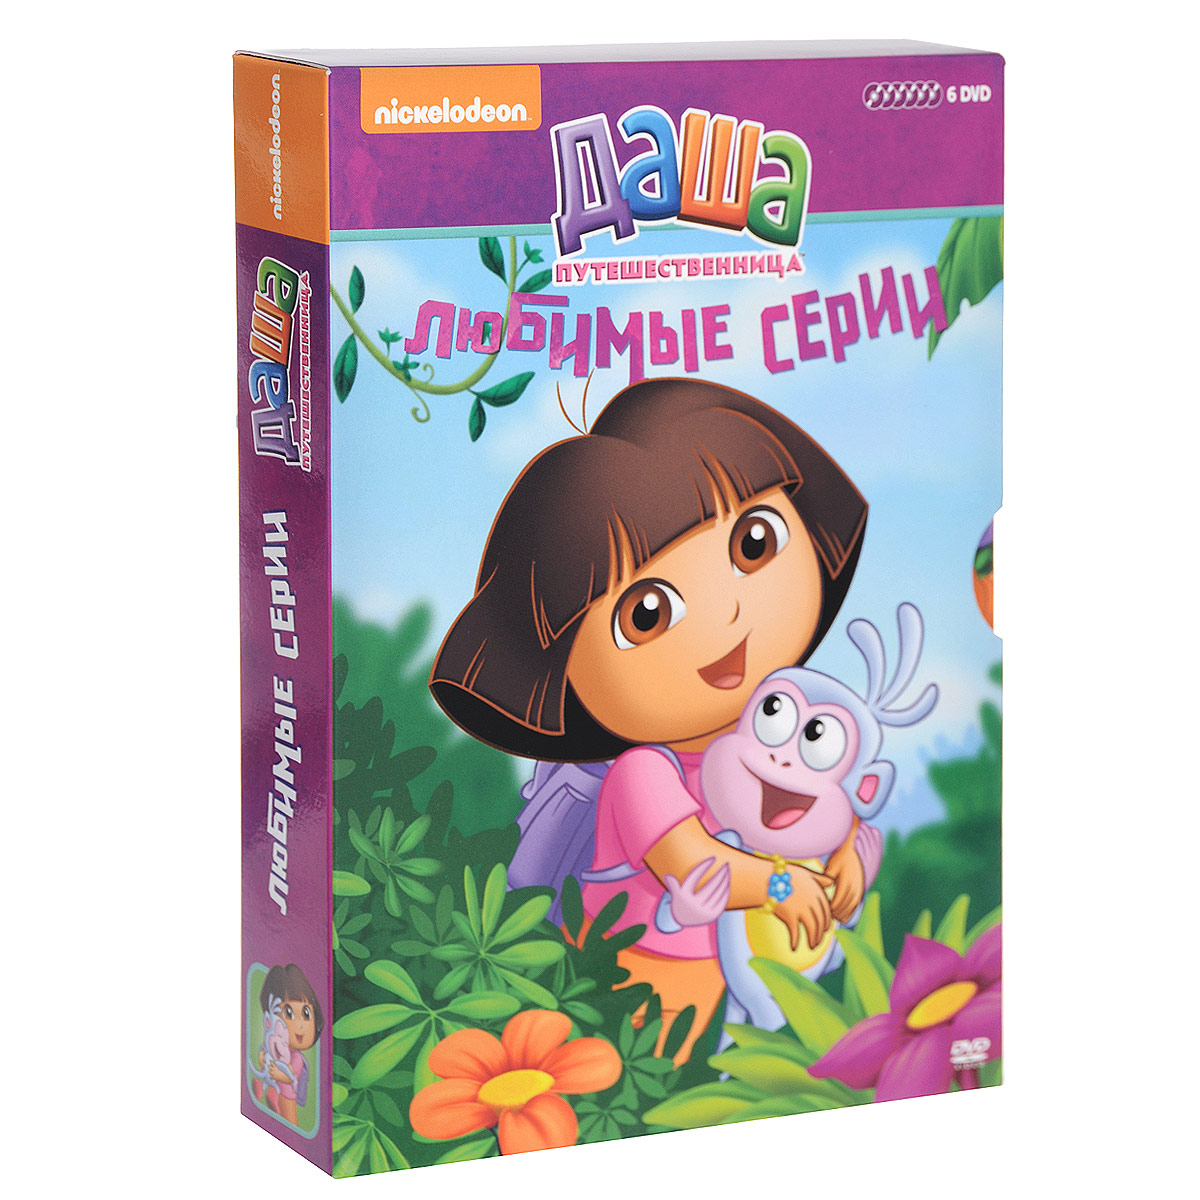 Даша-путешественница. Любимые серии (6 DVD) видеодиски нд плэй крутые меры dvd video dvd box